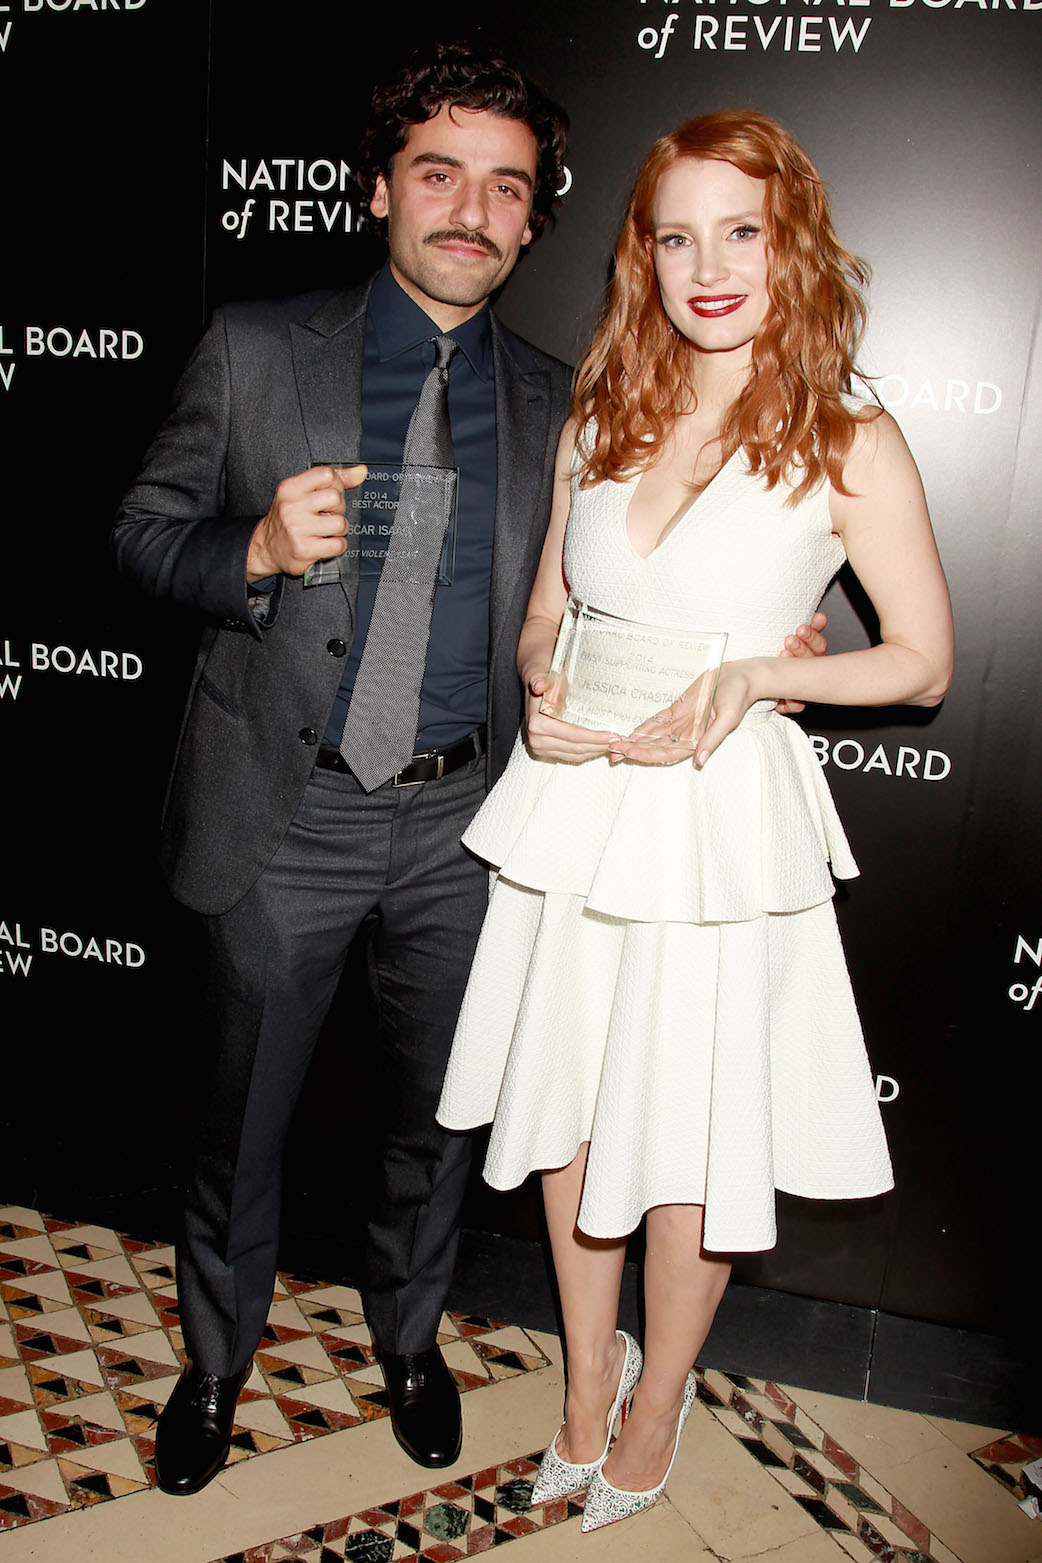 Oscar Isaac Jessica Chastain NBR P 2015